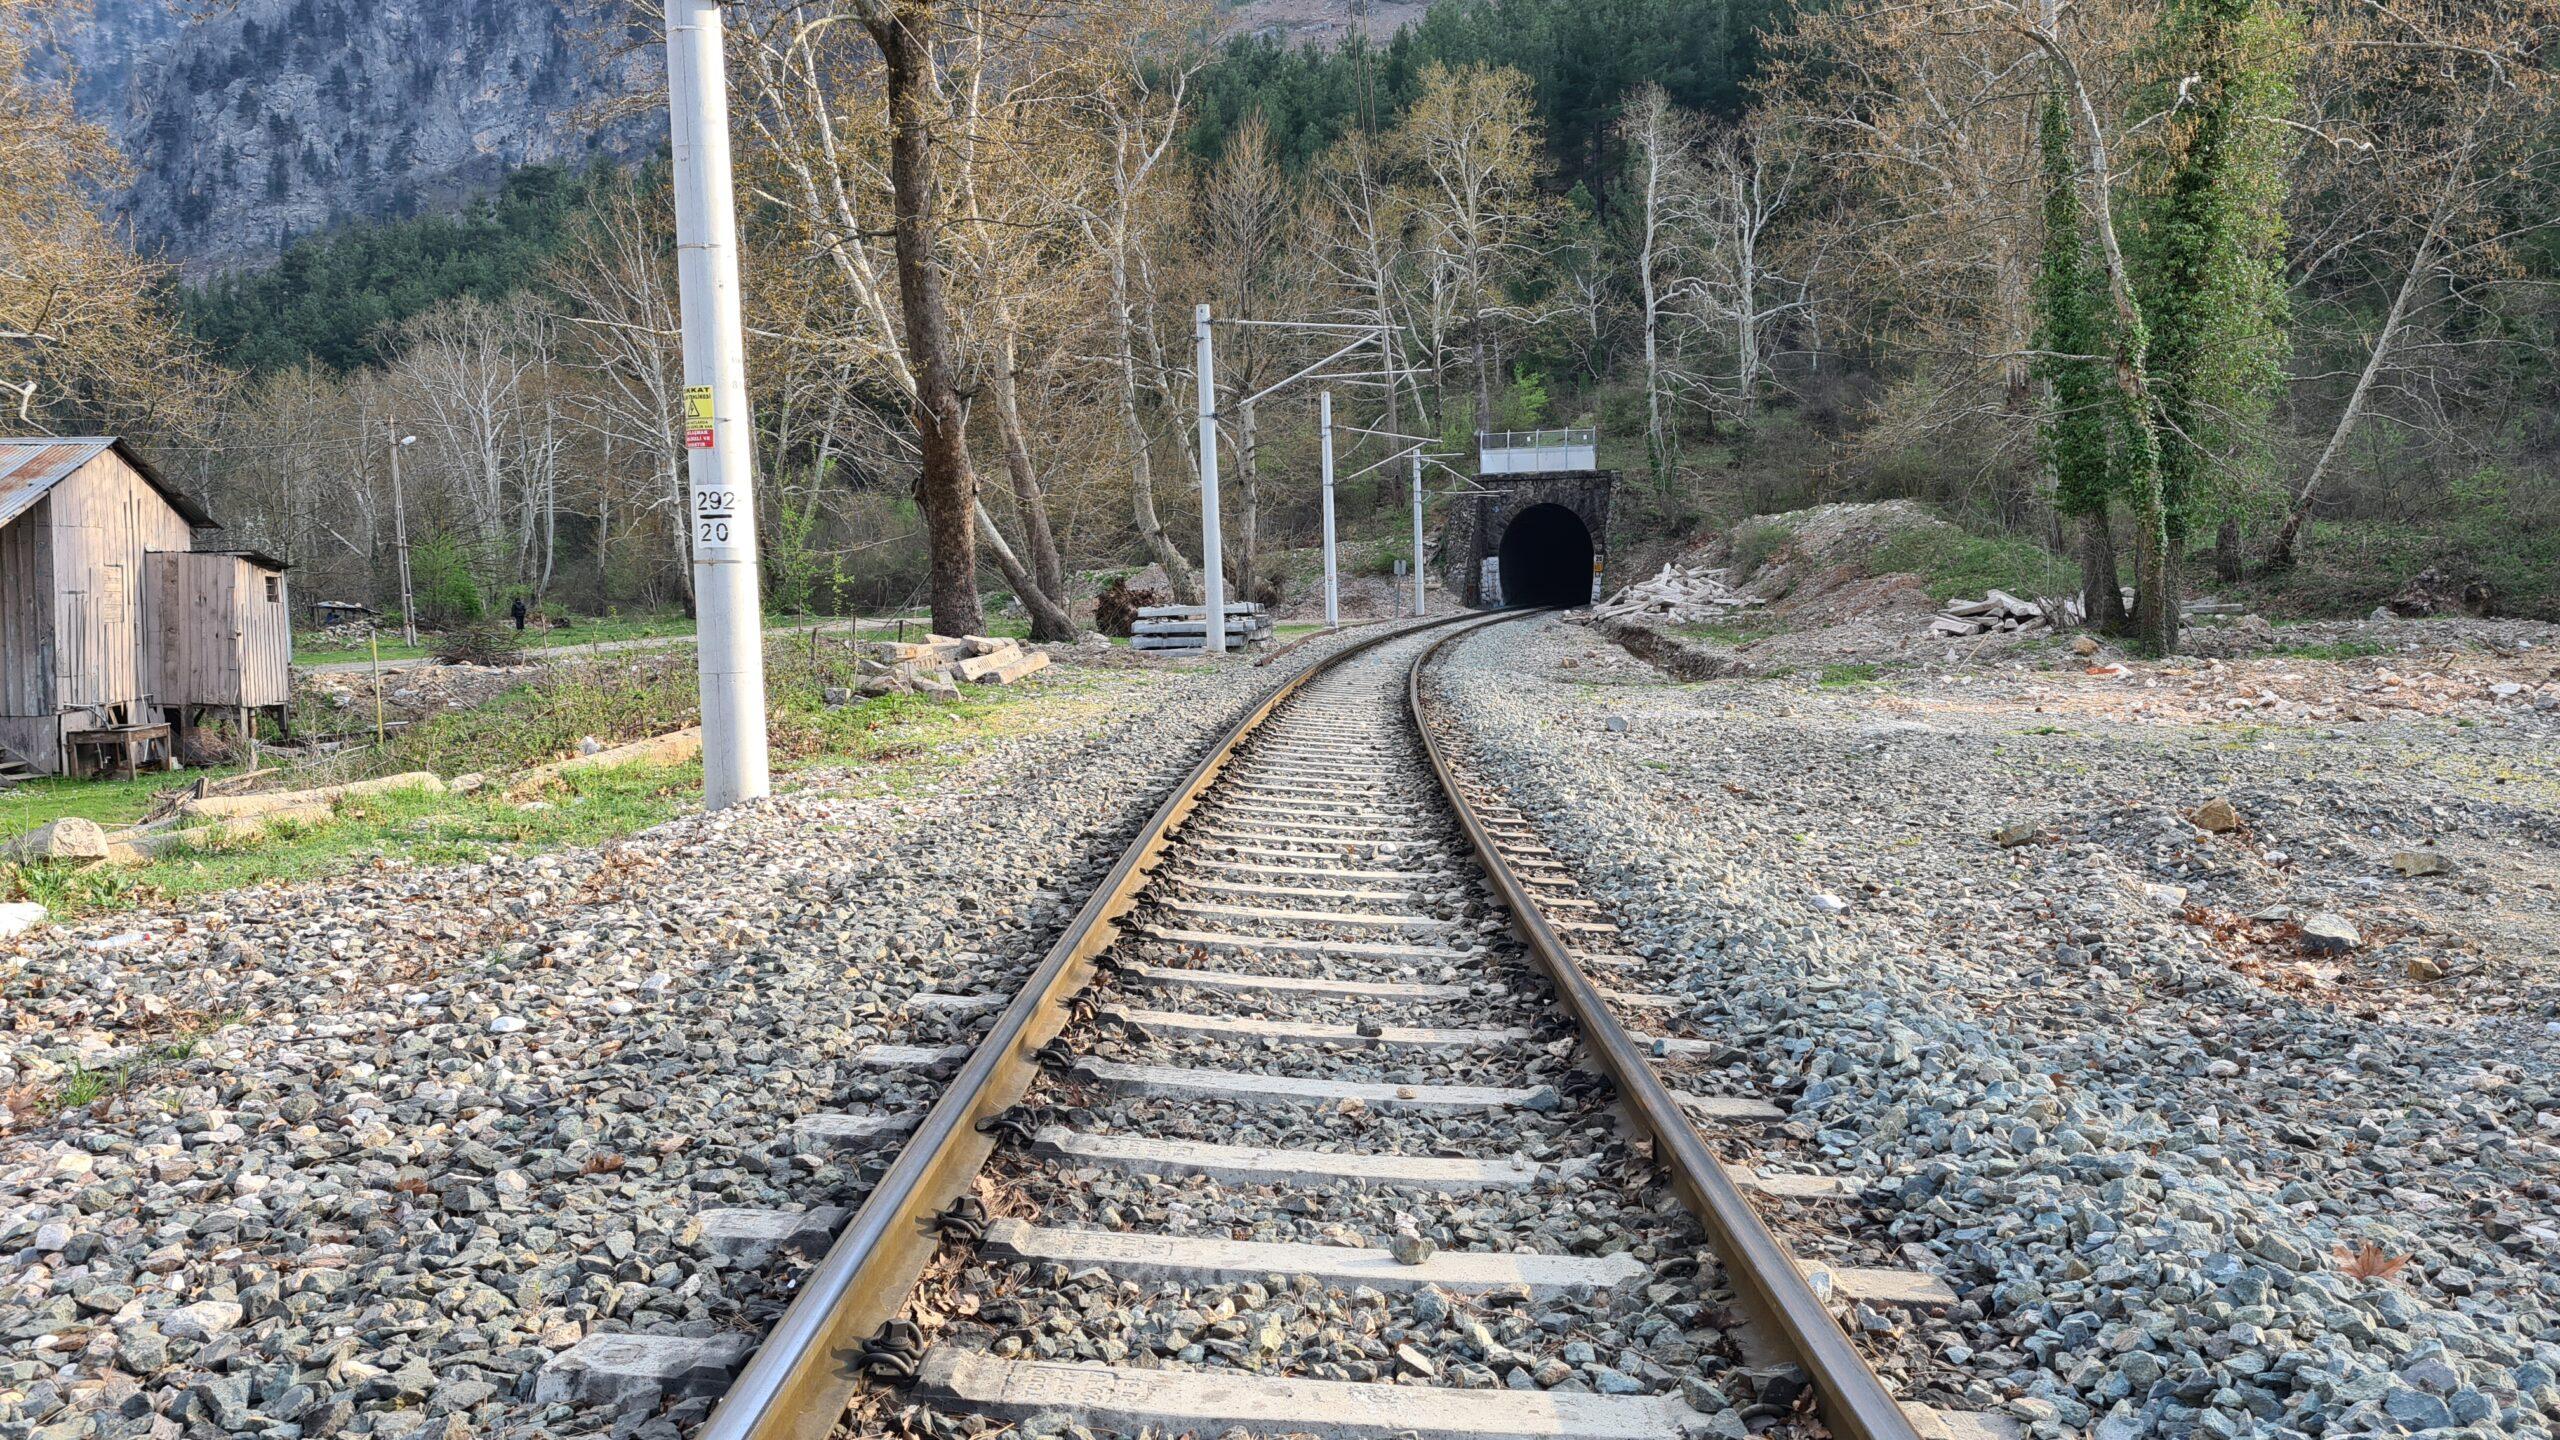 Belemedik tren rayları